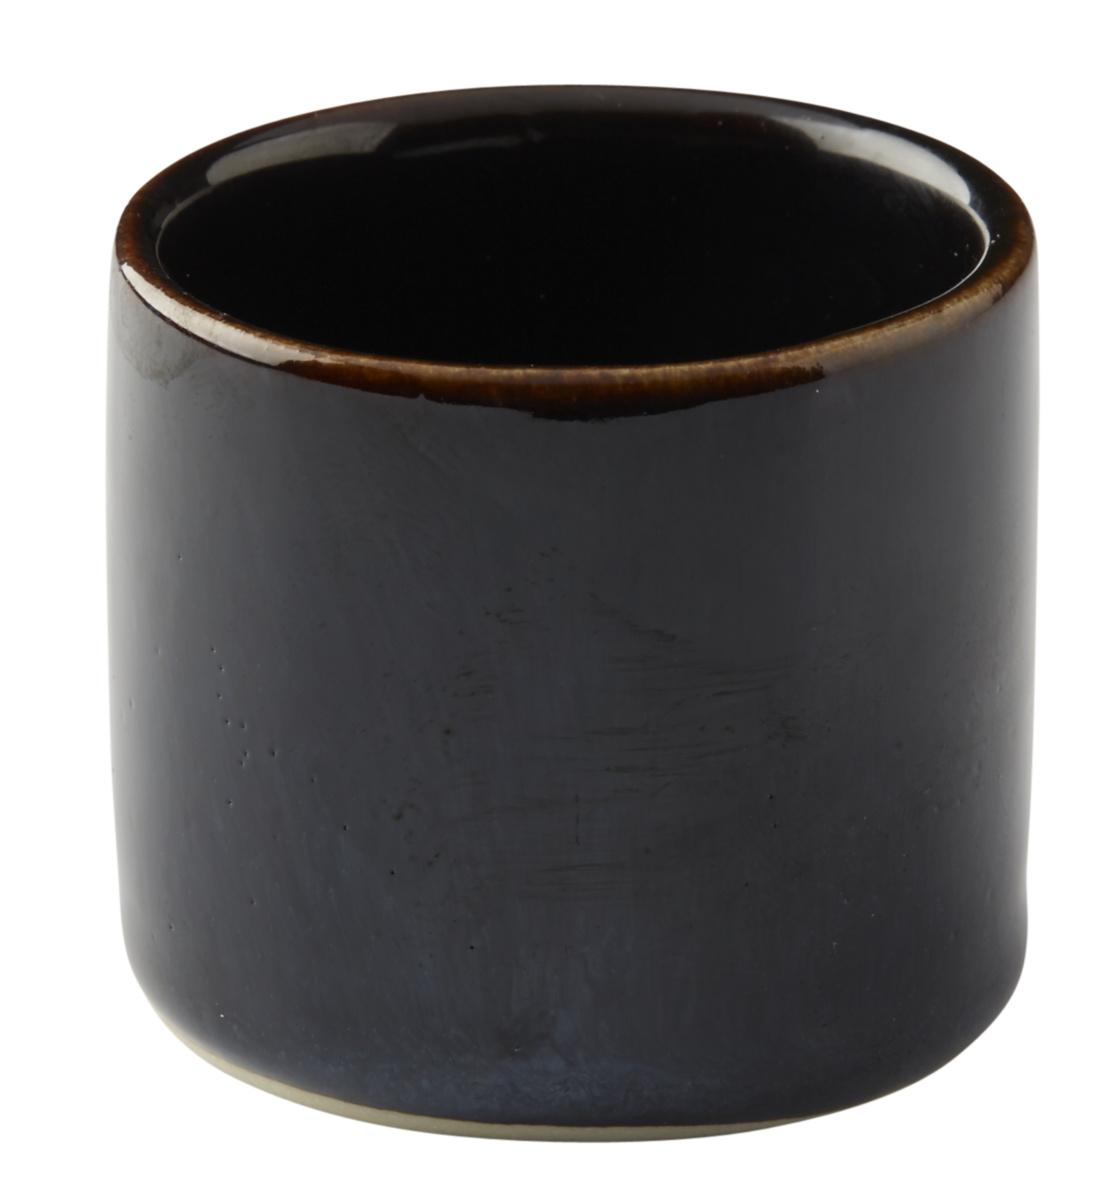 Pot à sauce rond bleu grès 5 cl Ø 5 cm Gres Couleur Pro.mundi